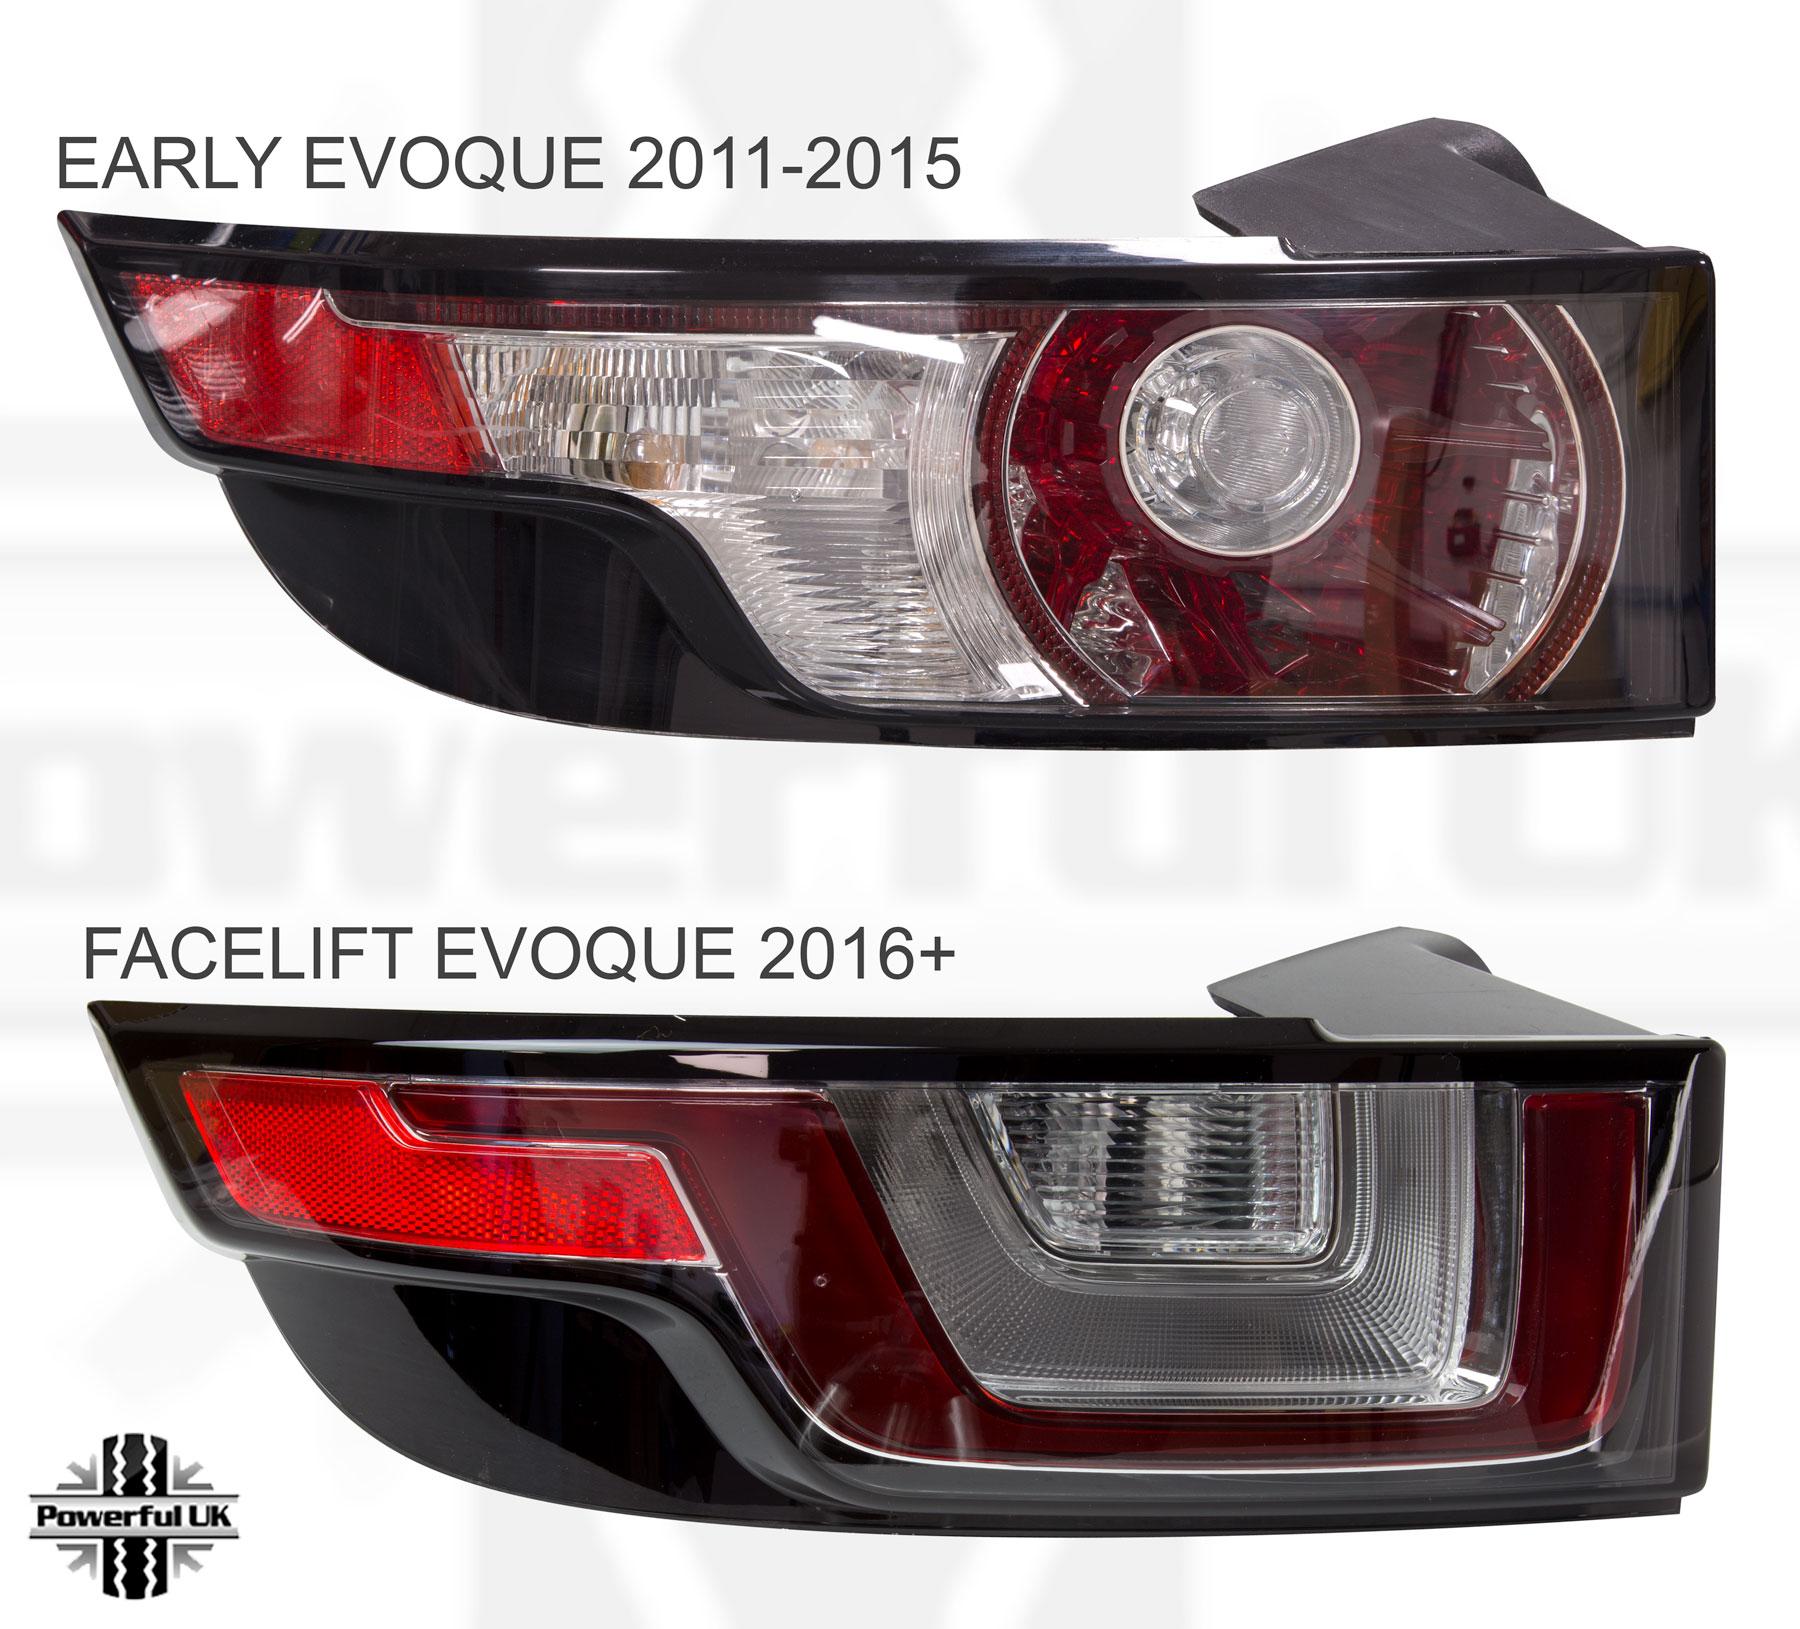 Used 2014 Land Rover Range Rover Evoque Pure Plus For Sale: Feu Arrière Lampe RANGEROVER Font Facelift PURE PRESTIGE